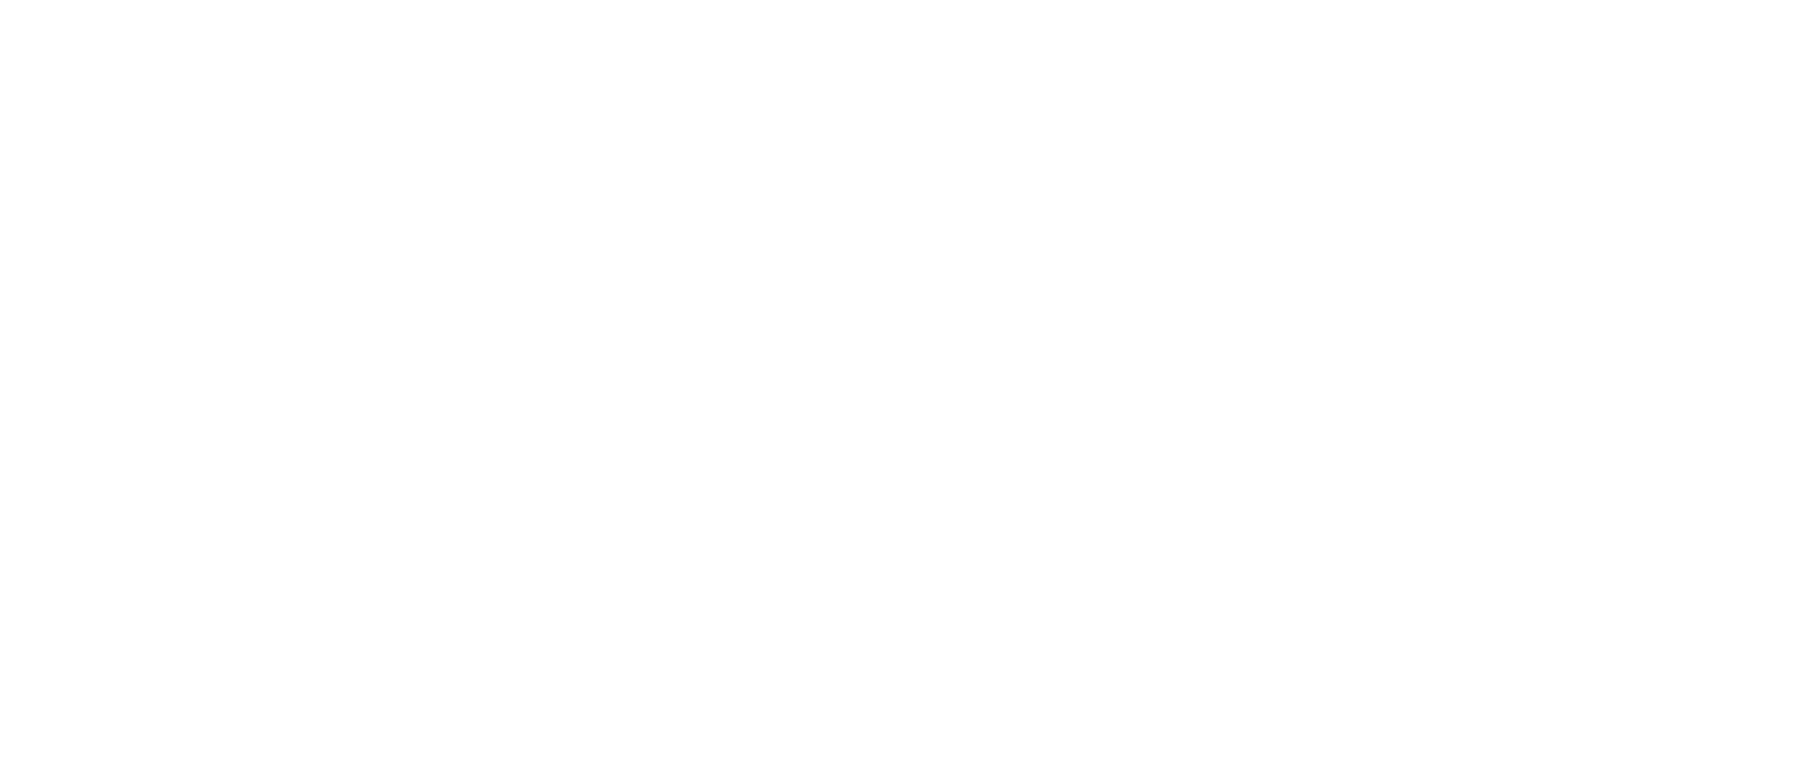 day_away_white